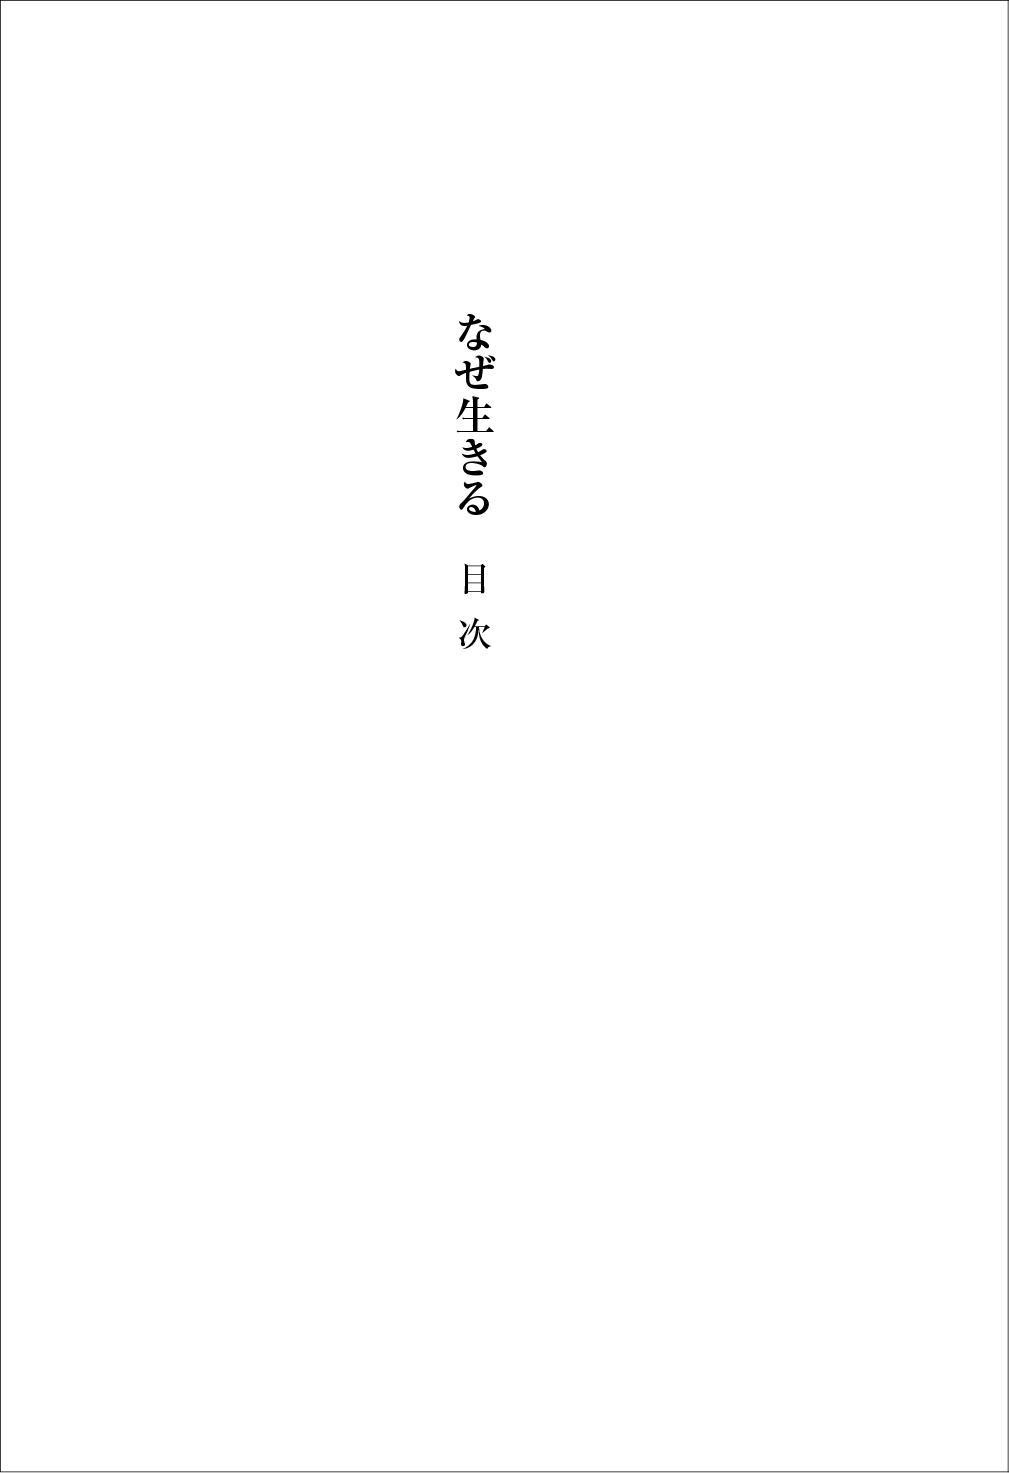 『なぜ生きる』を試し読みの画像3